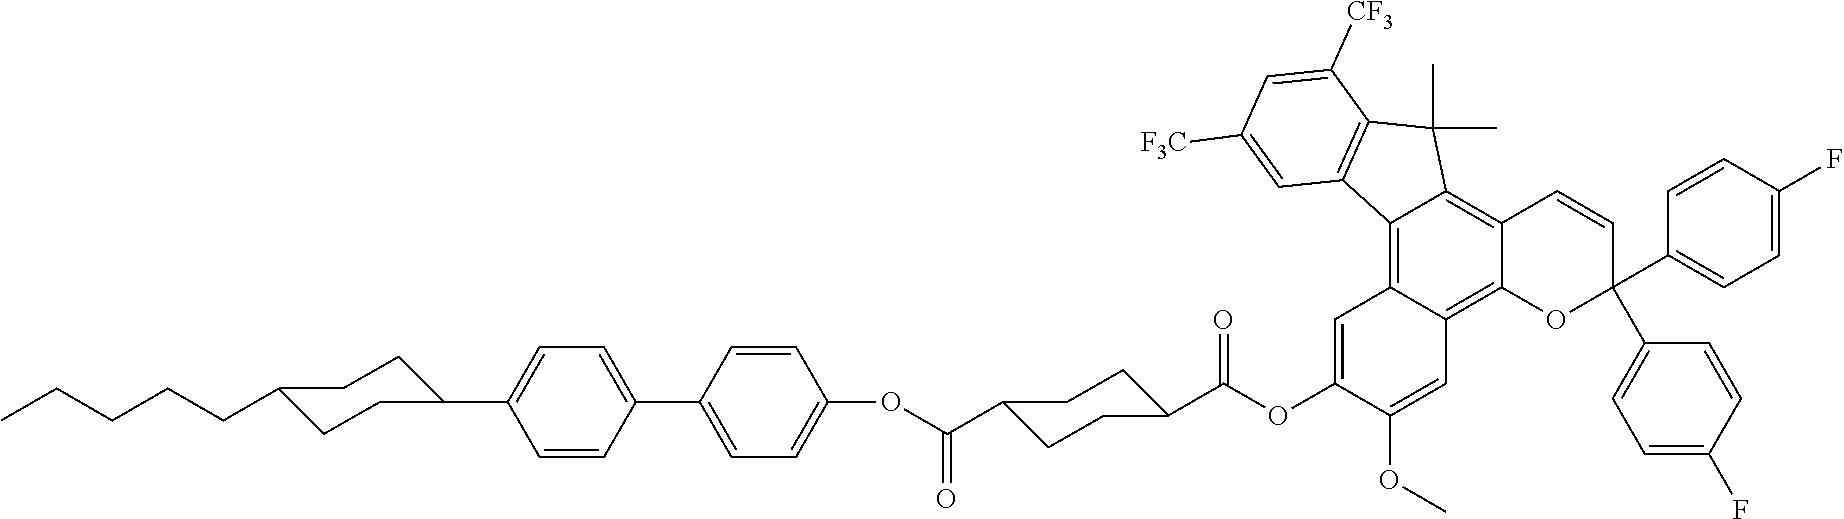 Figure US08518546-20130827-C00055